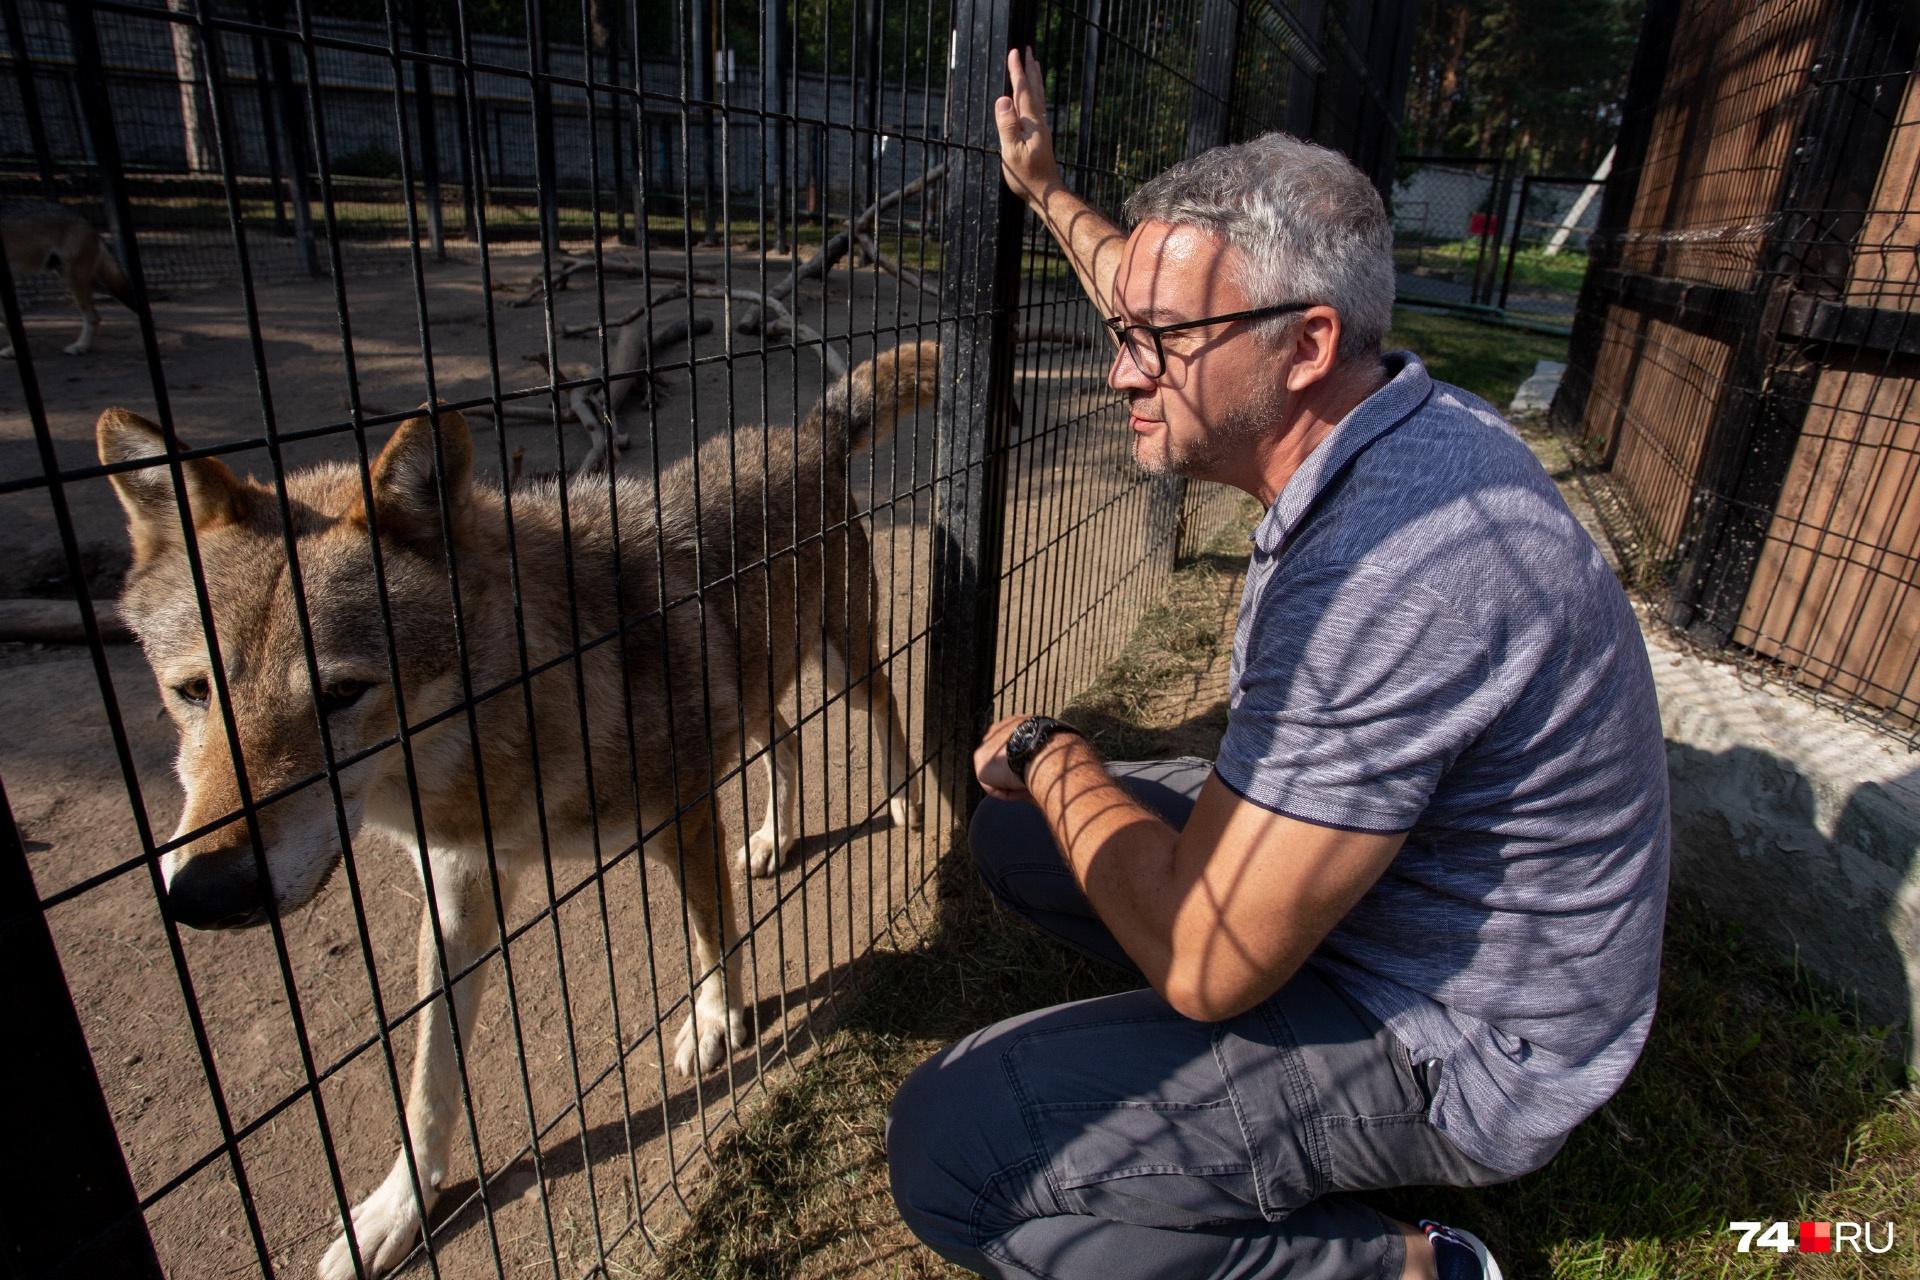 Директор зоопарка хочет создать комфортные условия для всех своих подопечных